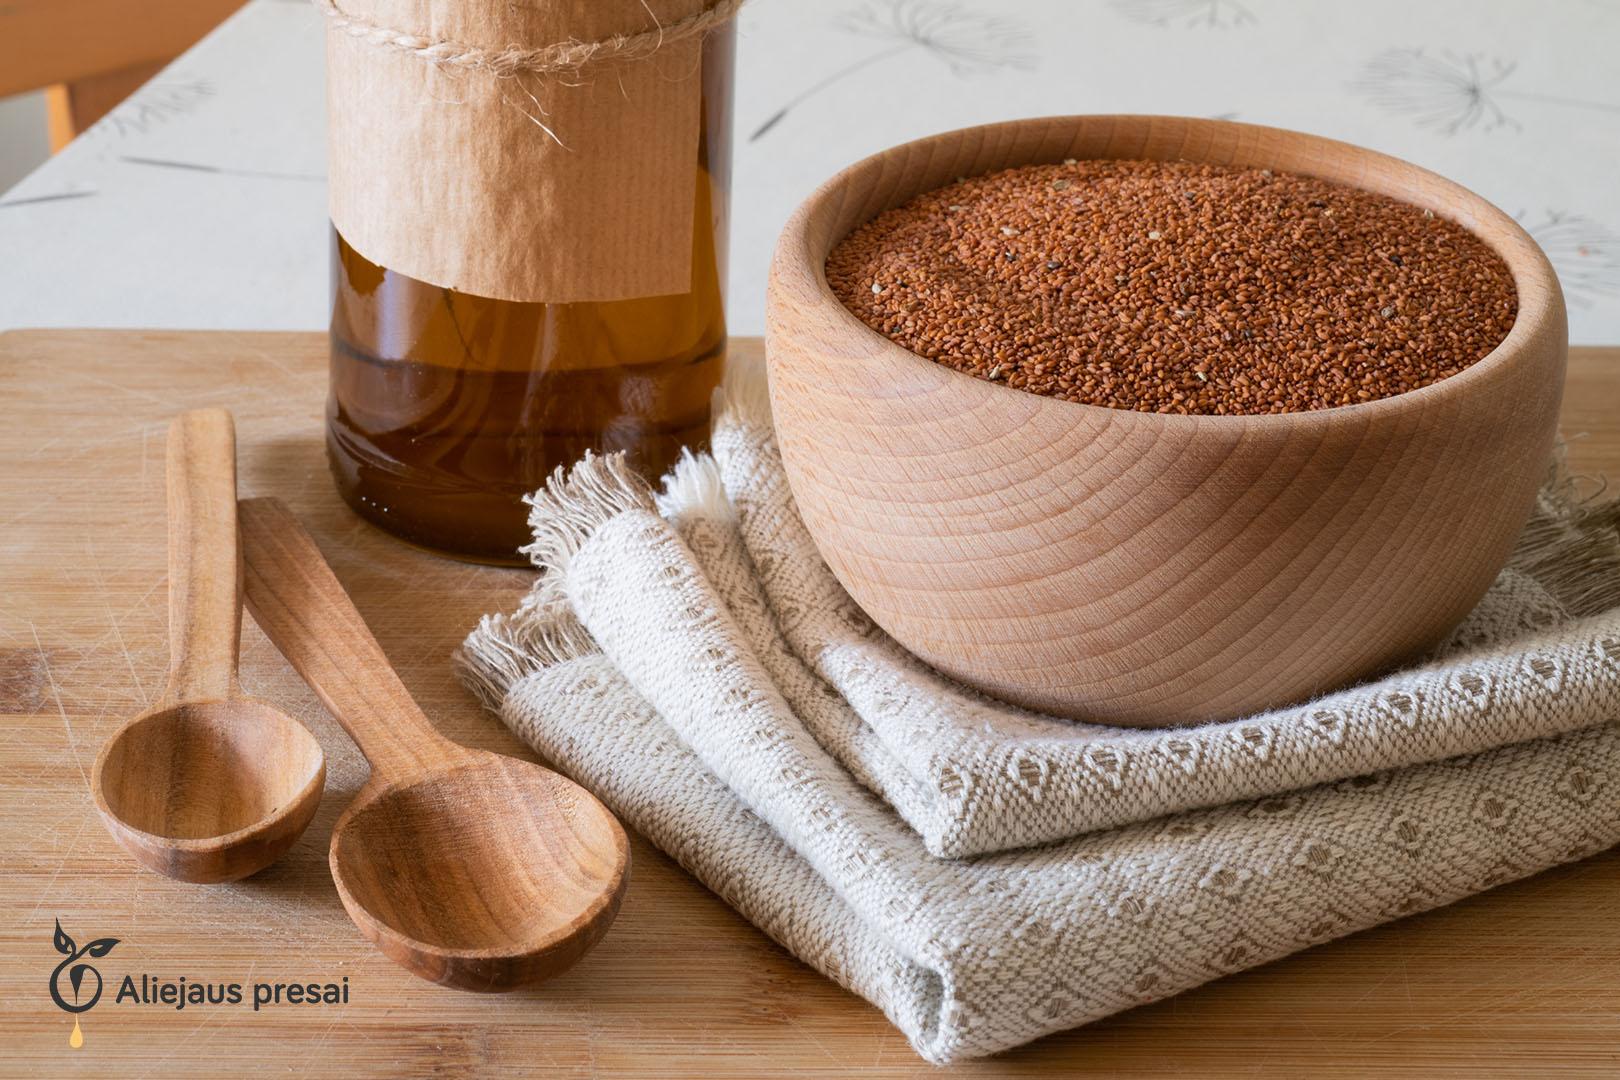 Namų sąlygomis buitiniu aliejaus presu spaudžiamas judros sėklų aliejus